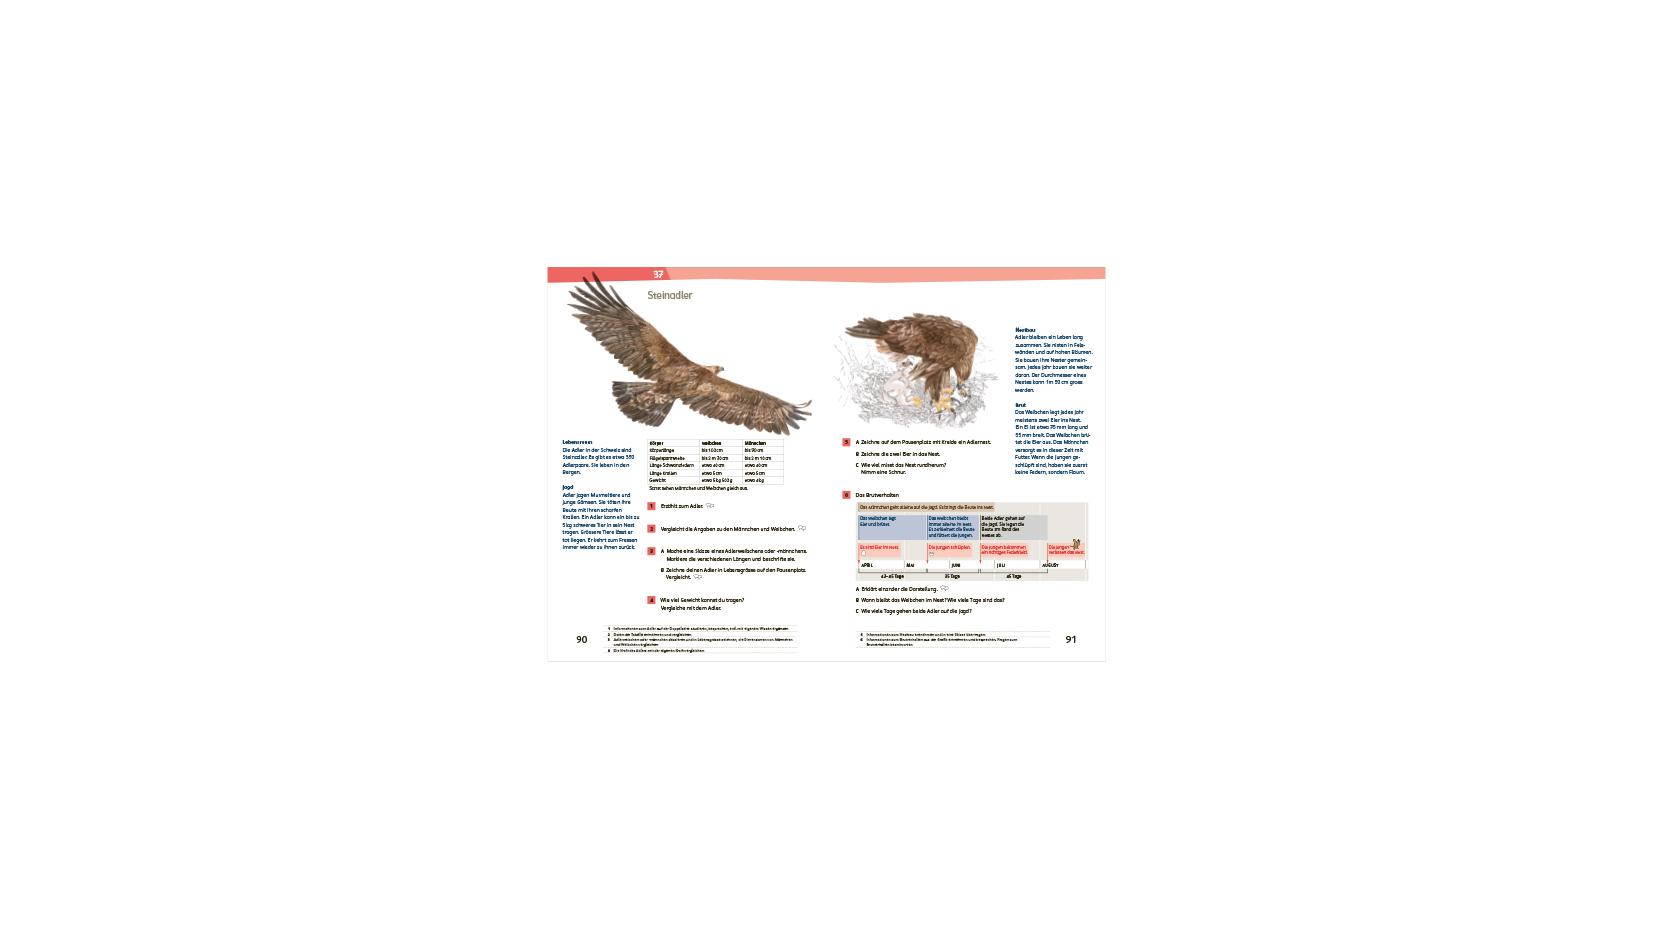 18 schweizer zahlenbuch h1 rundgang 2 2021 klett und balmer